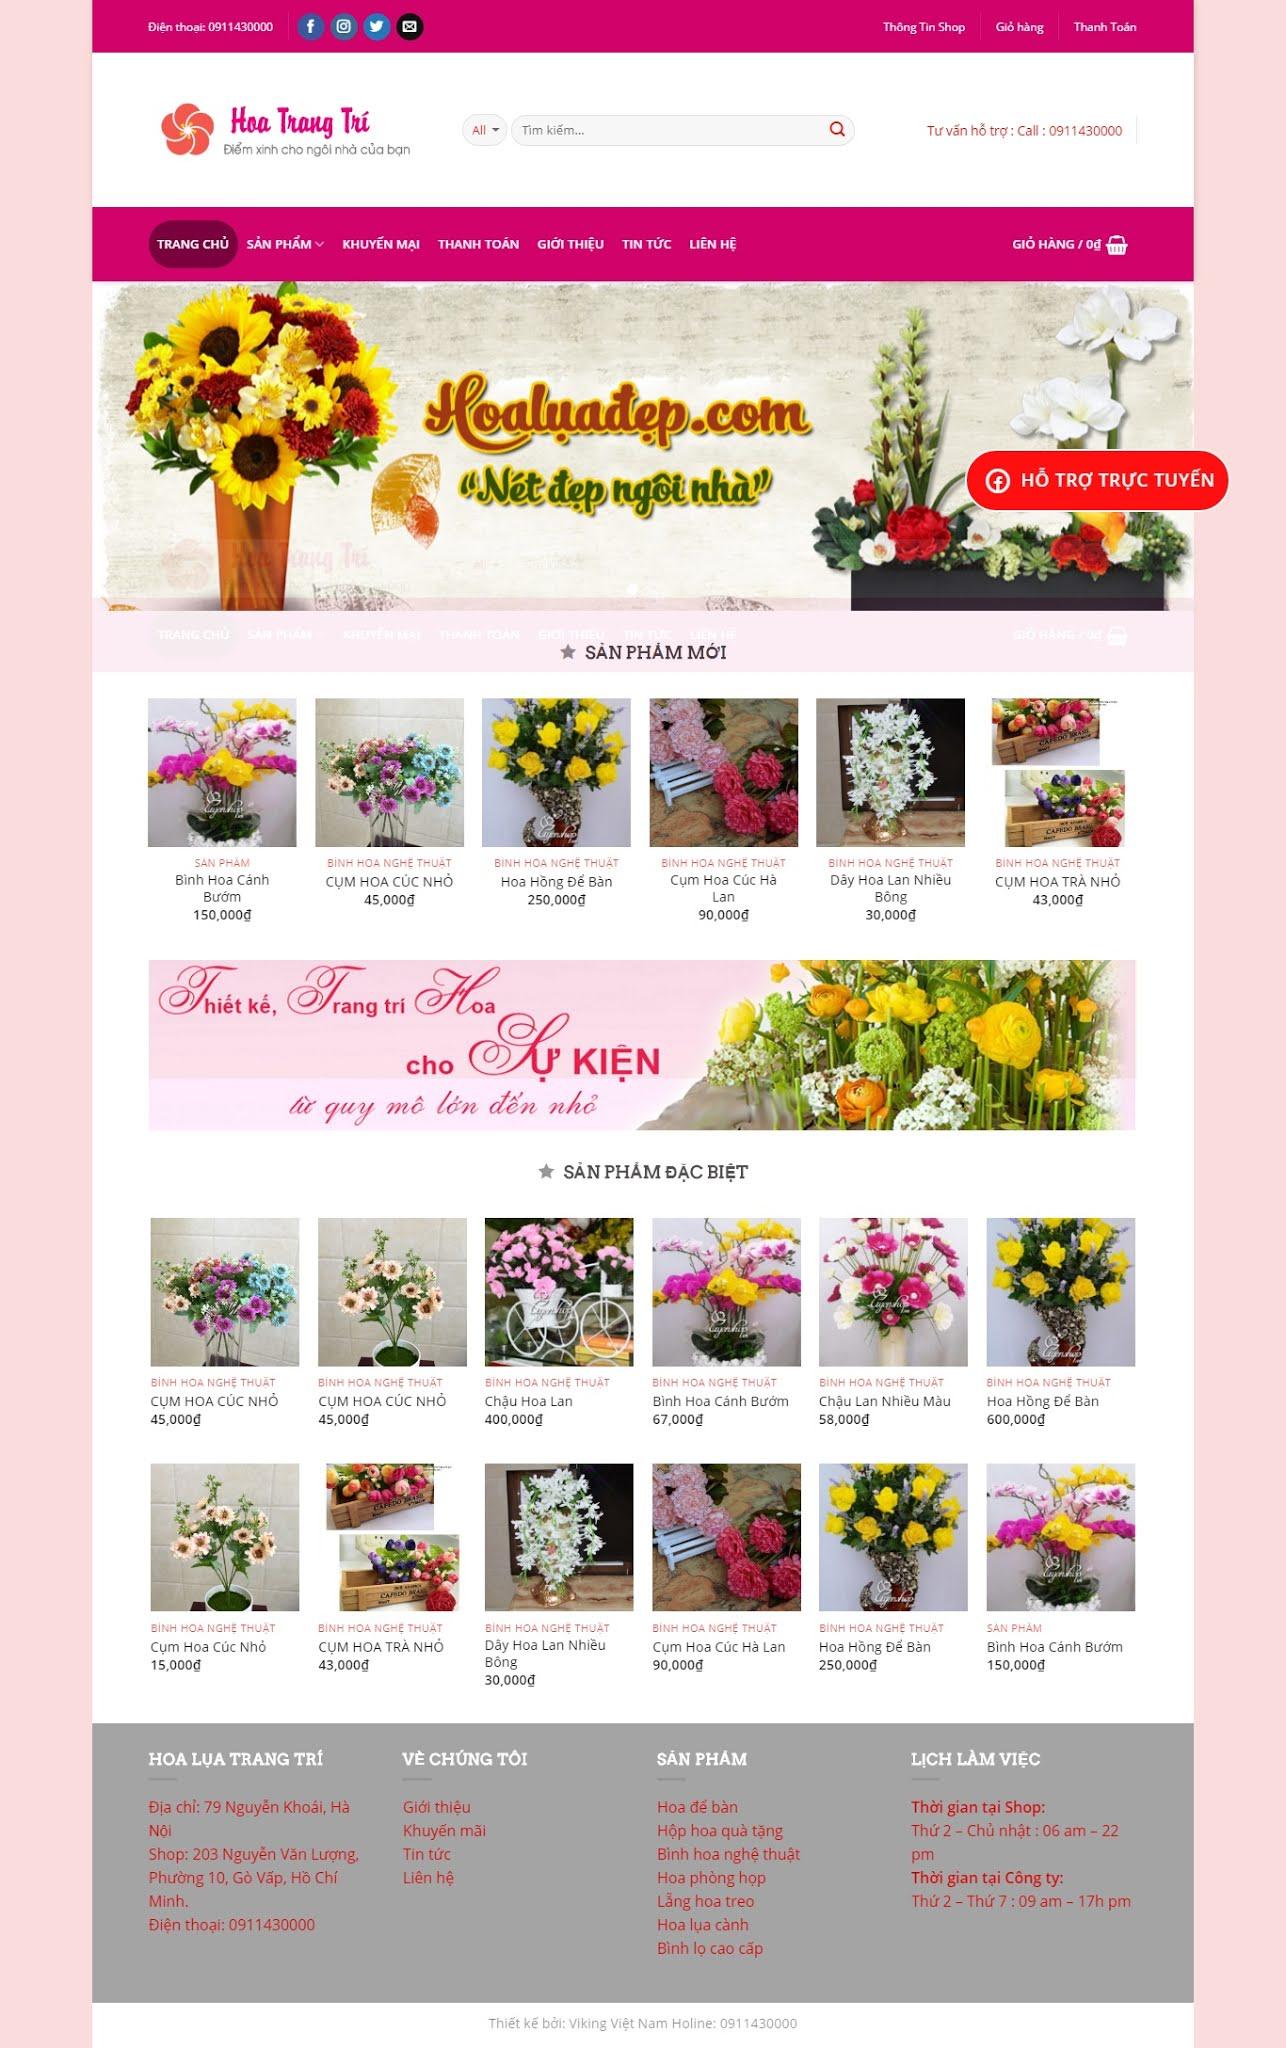 MẪU BÁN HÀNG 042 - bán hoa